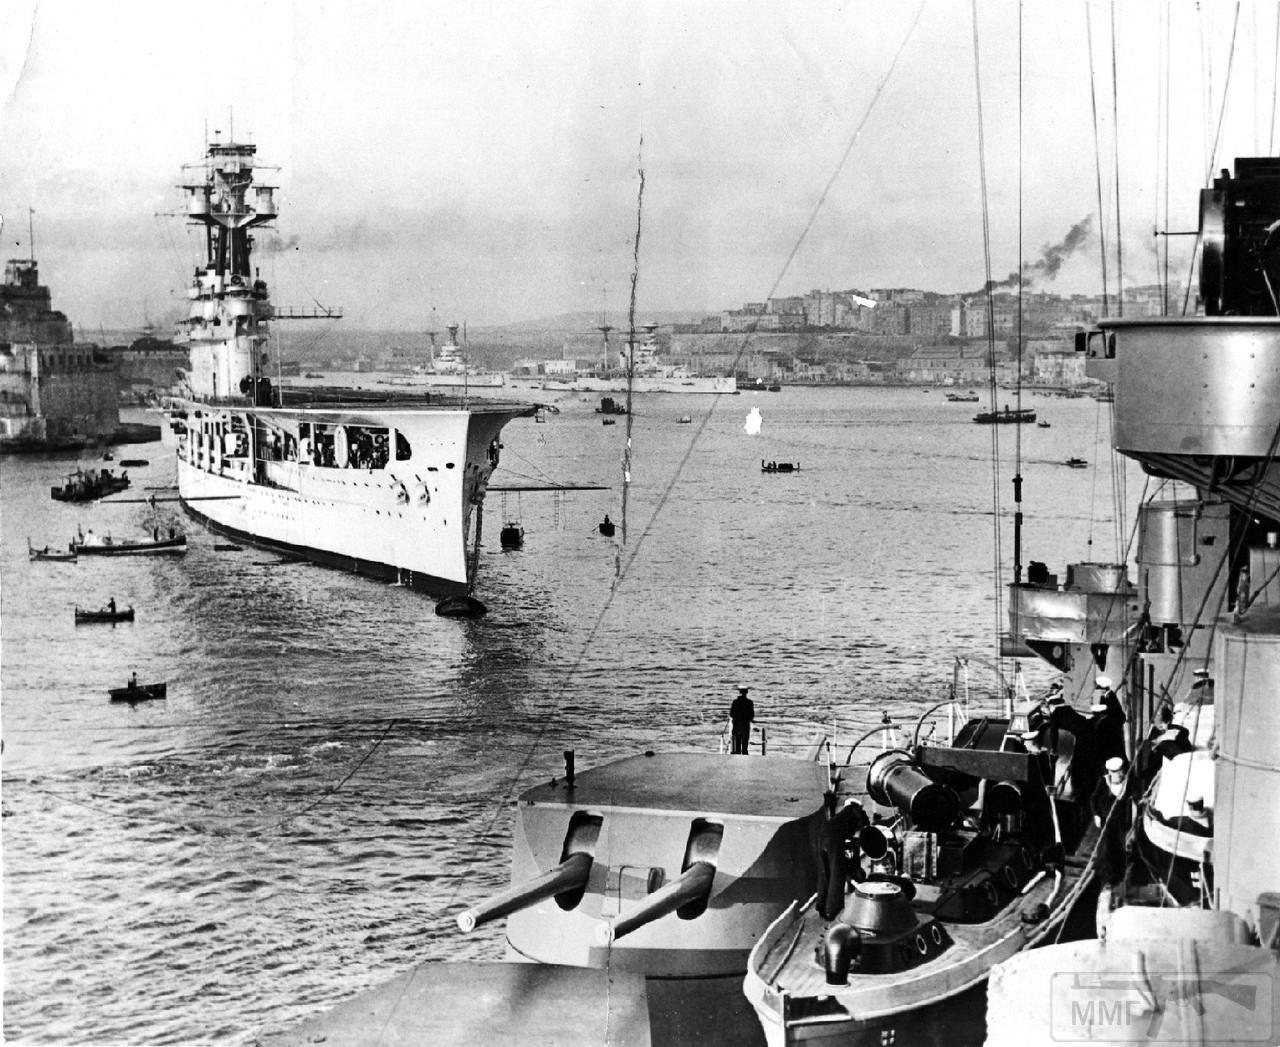 37074 - HMS Eagle